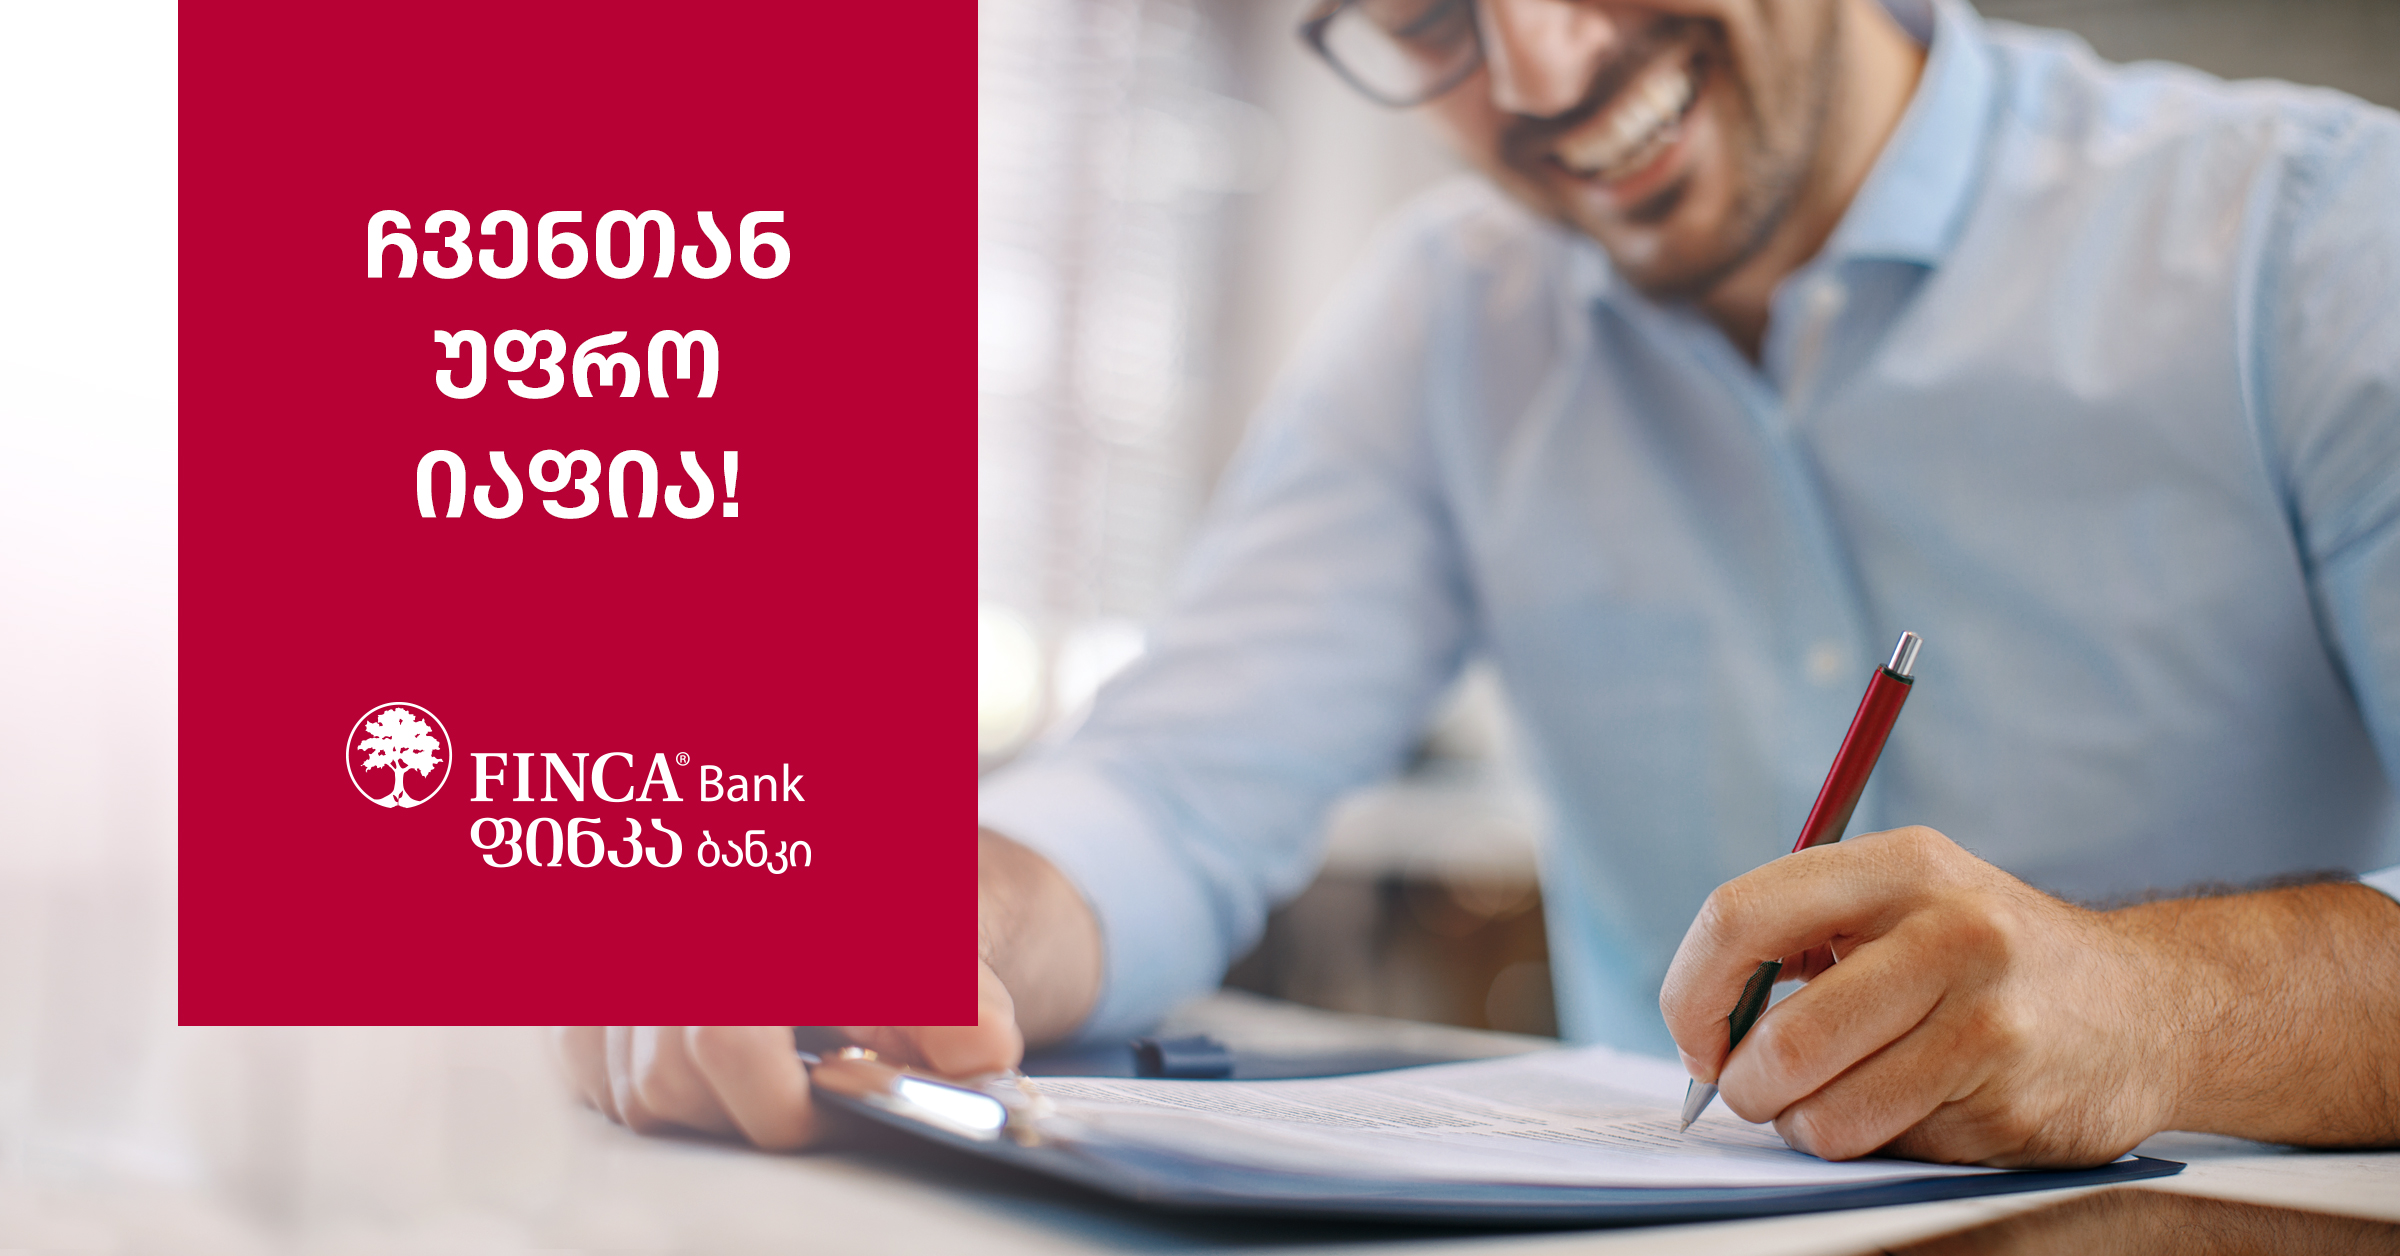 """ფინკა ბანკში სესხების პორტირების აქცია - """"ჩვენთან უფრო იაფია"""" დაიწყო"""